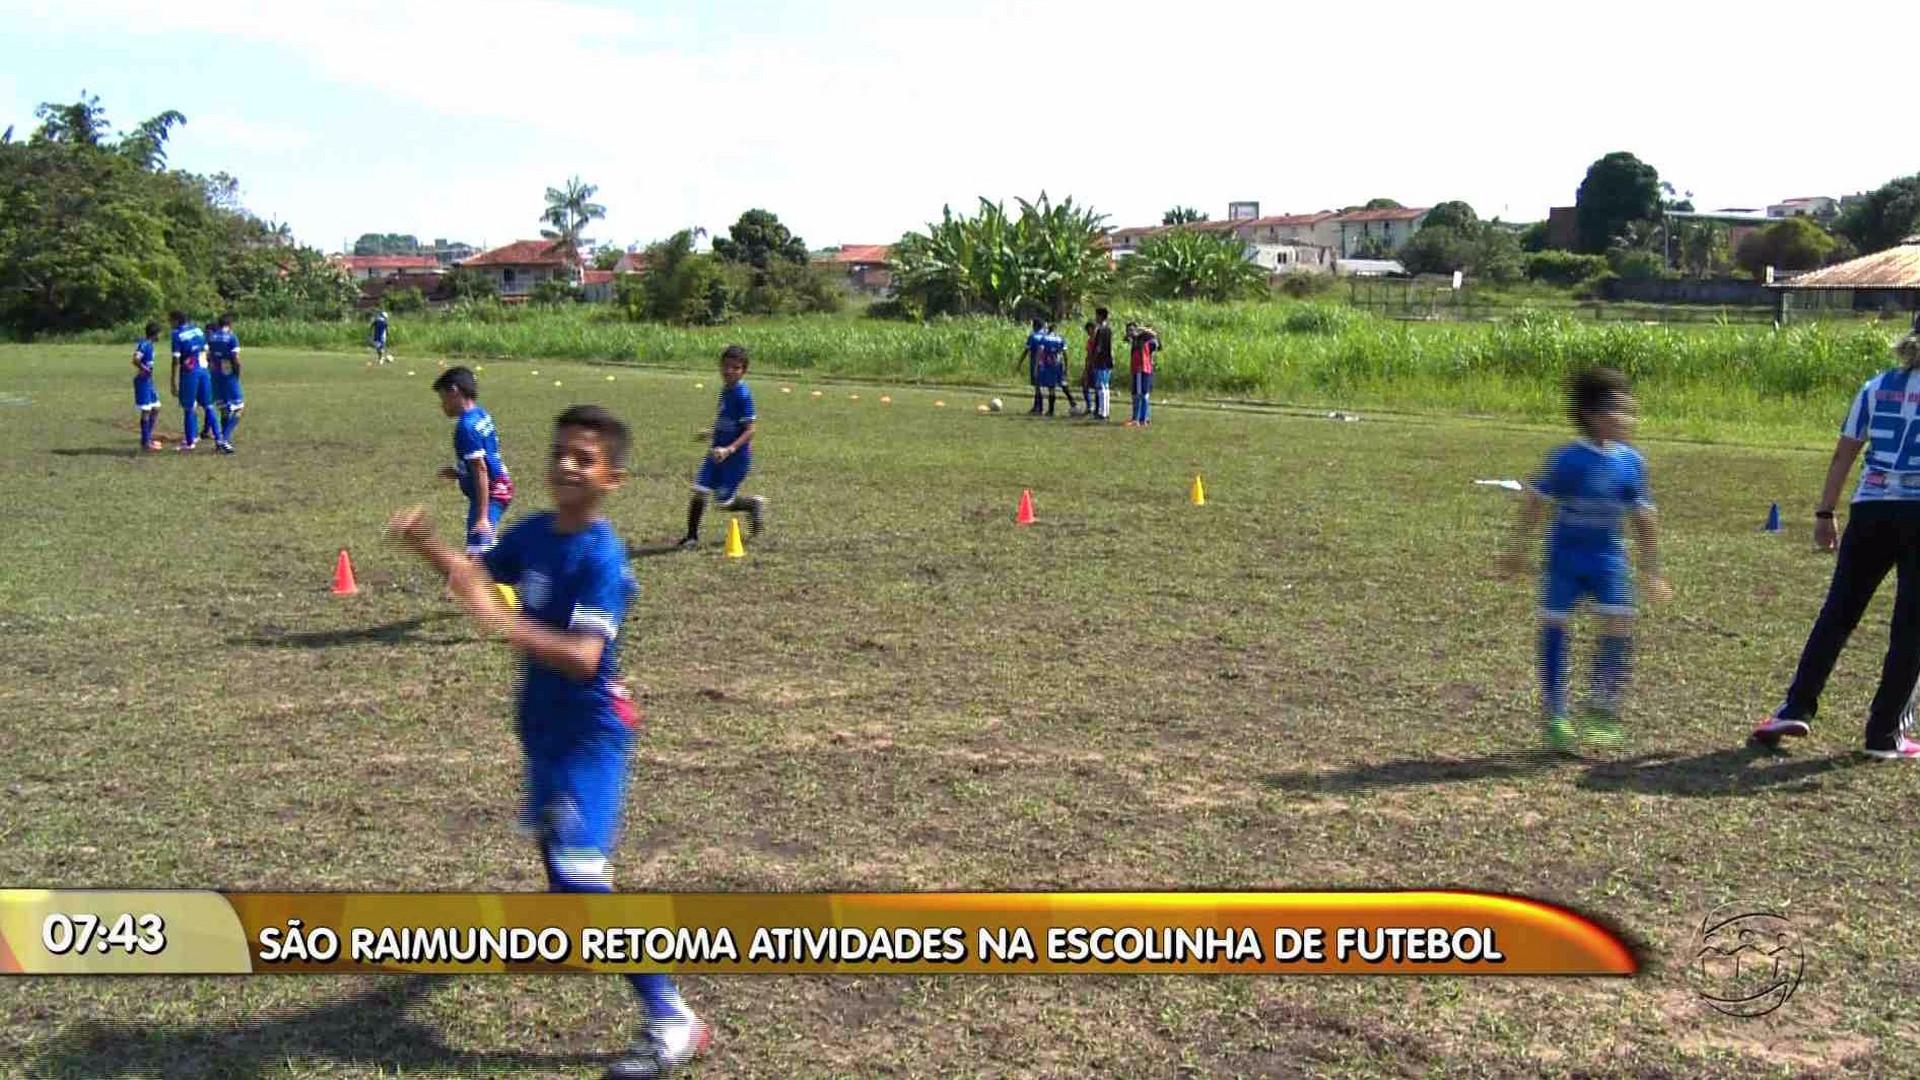 SÃO RAIMUNDO RETOMA ATIVIDADES NA ESCOLINHA DE FUTEBOL - Manhã no Ar 24/11/17